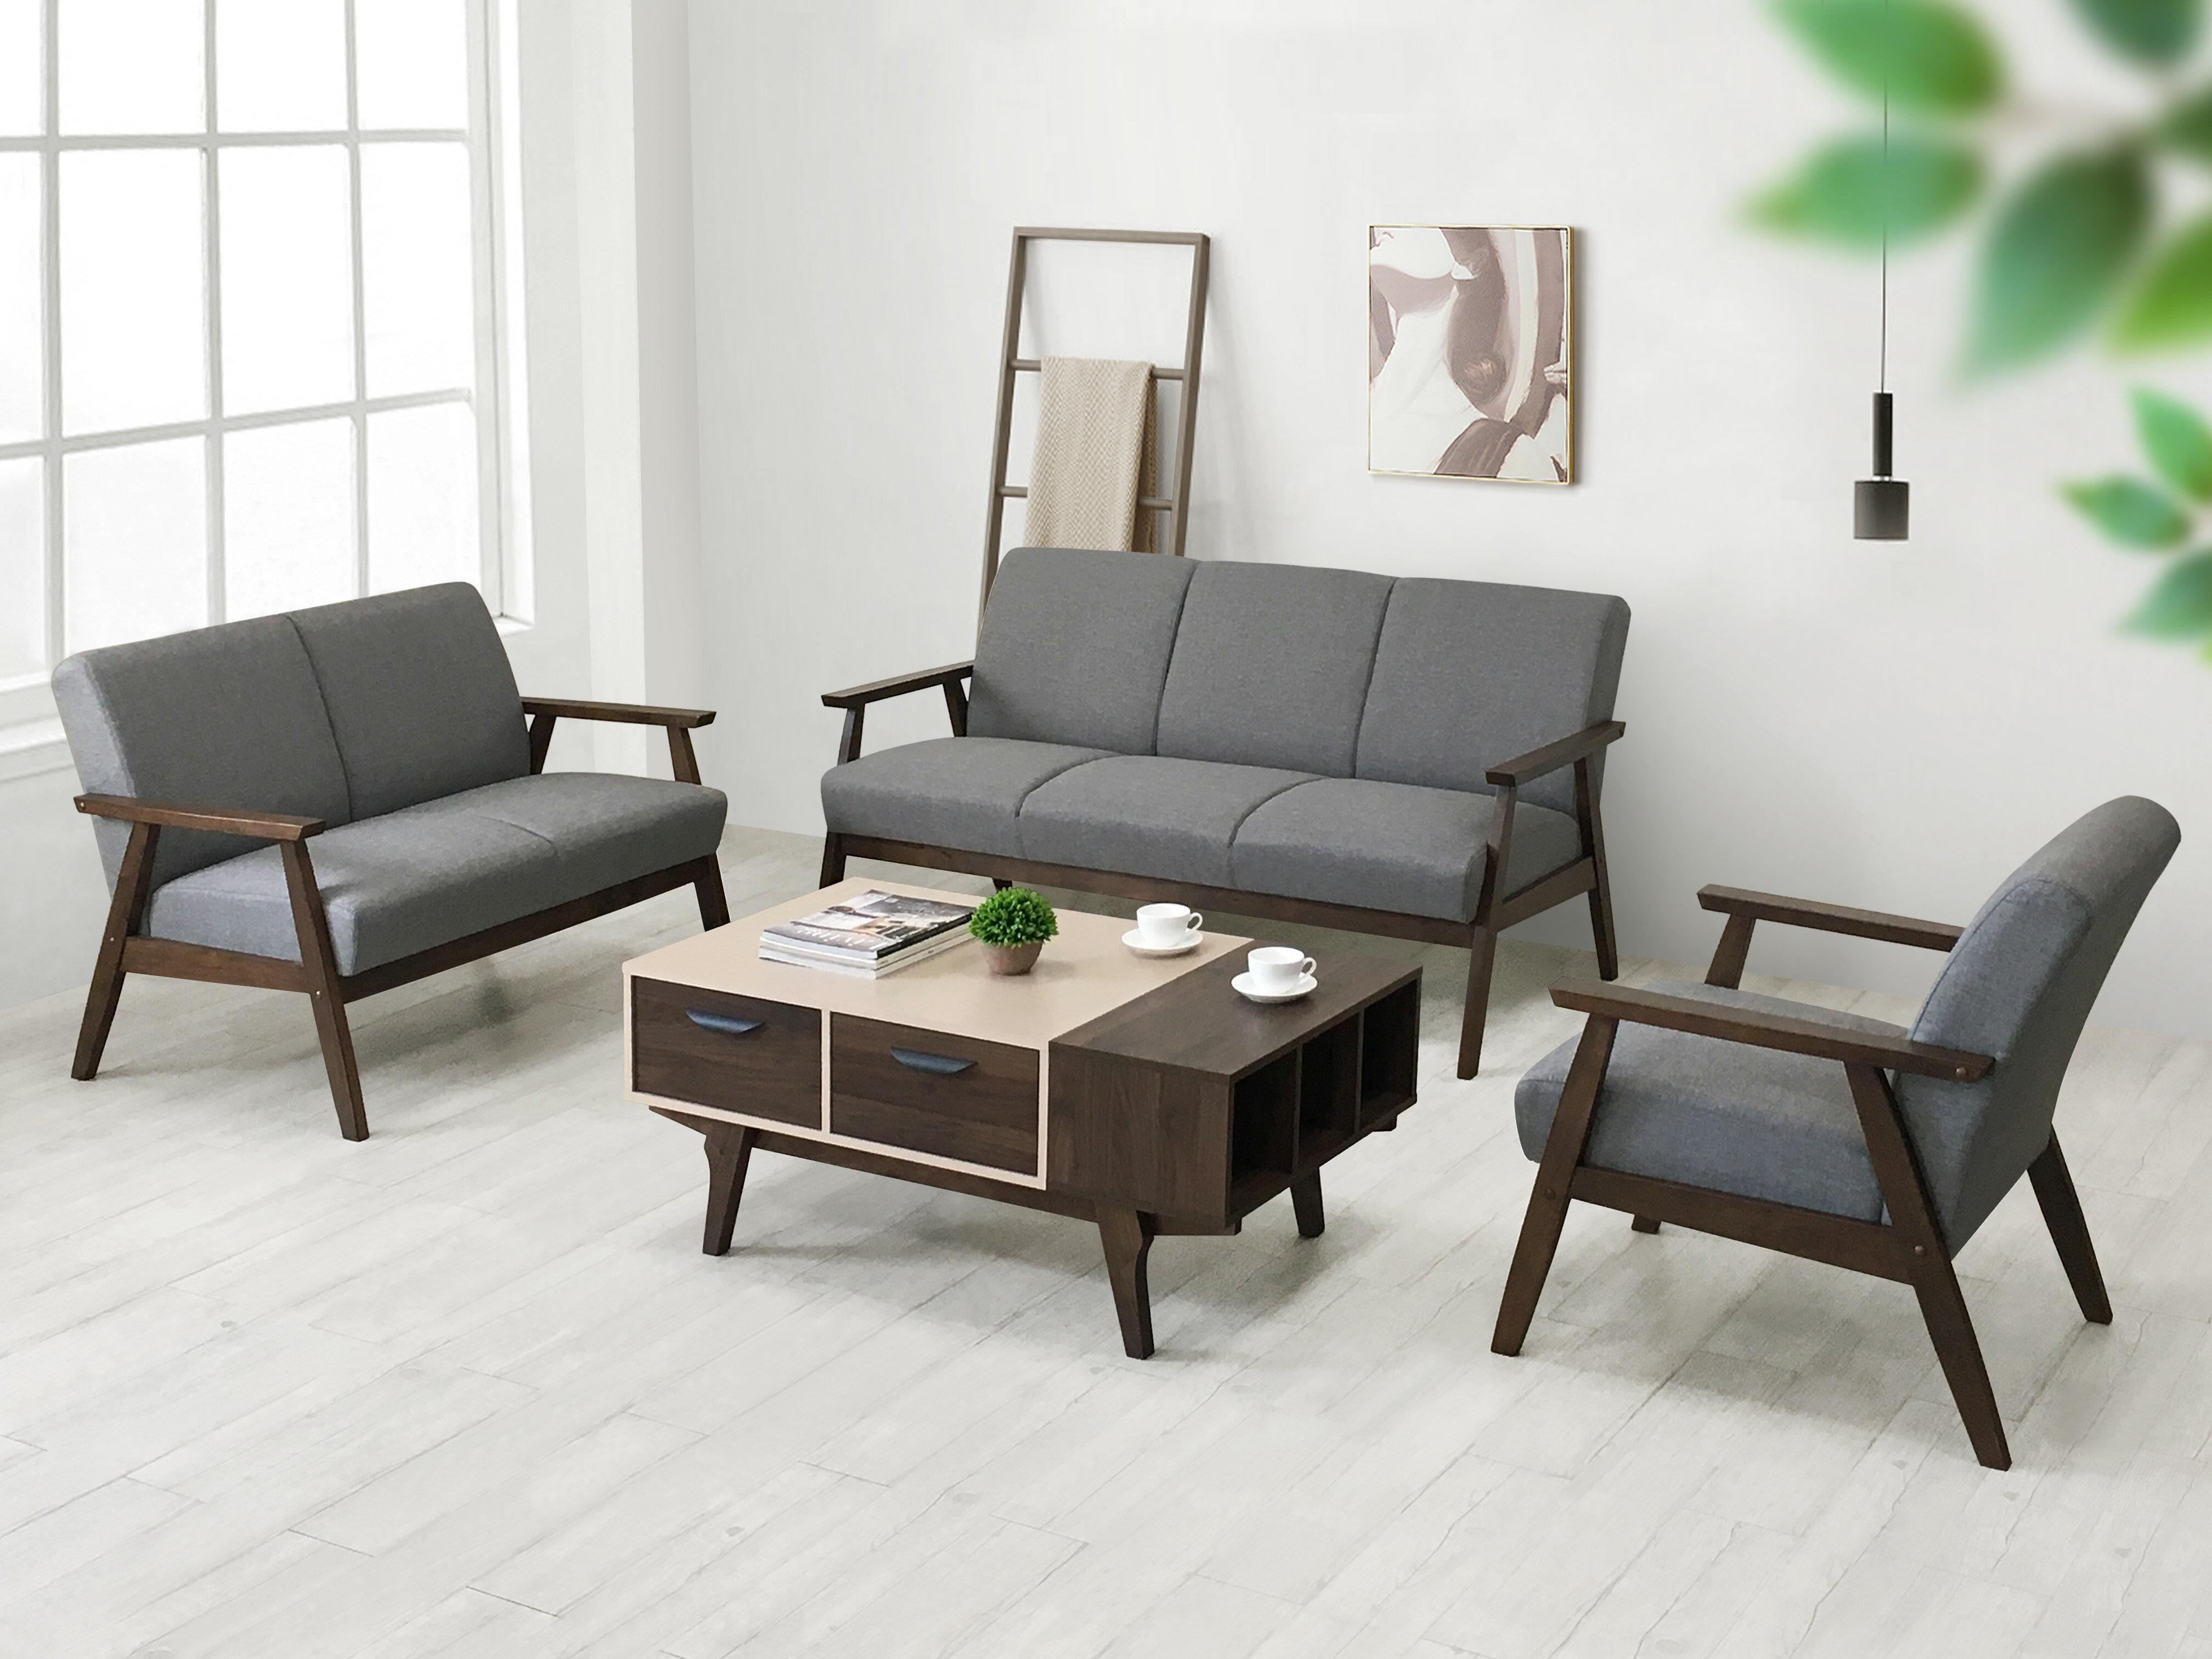 《波頓》  三人座沙發 快速出貨 WFH 在家工作 三人沙發 木製沙發 布沙發 三人座 三人位 亞麻布 木扶手 橡膠木 現代 簡約 【新生活家具】